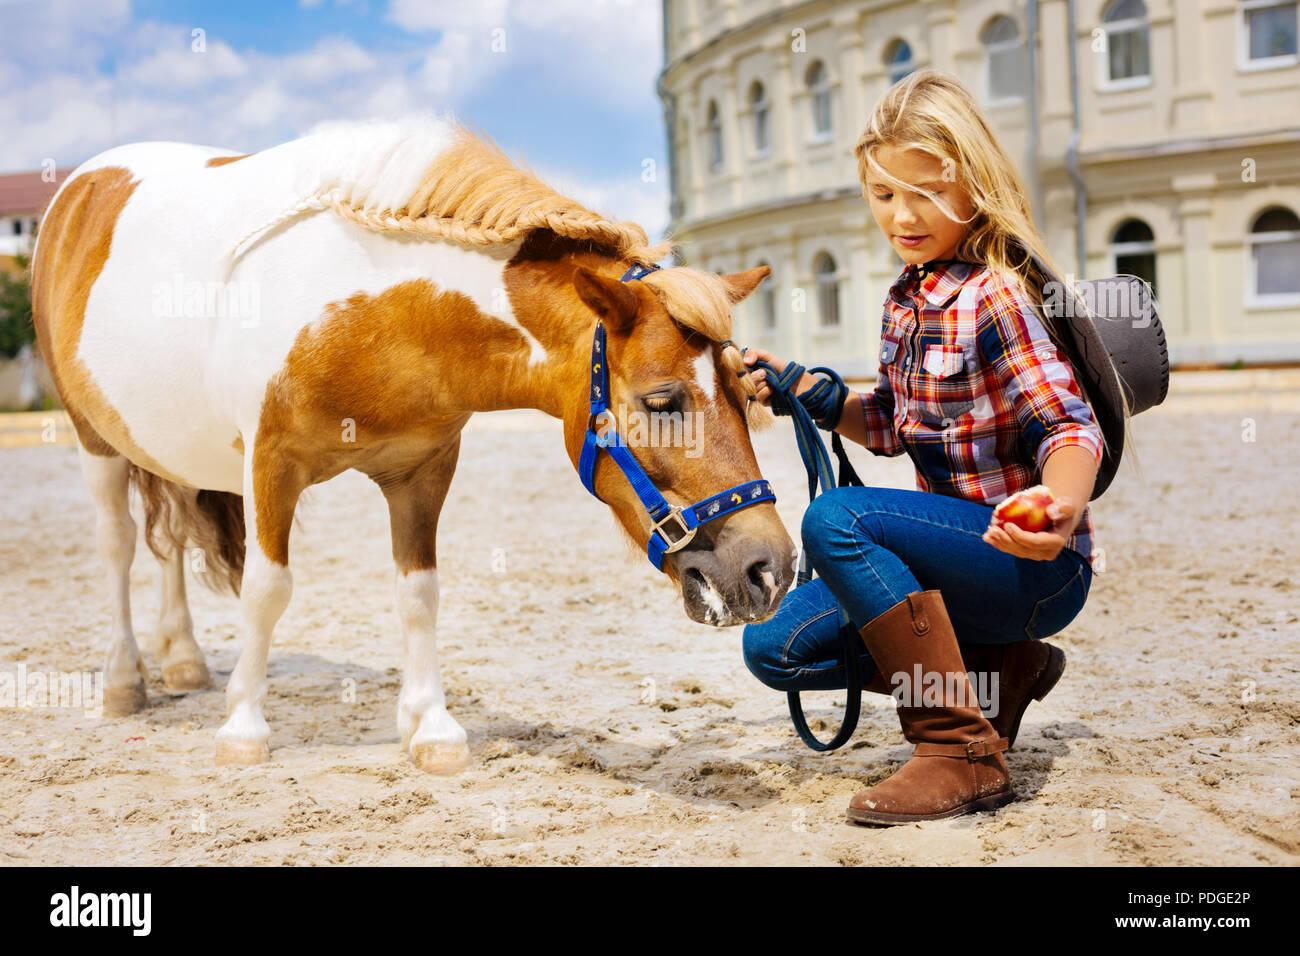 Niedliche Mädchen mit braunem Leder Reitstiefel Fütterung Pferd Stockbild